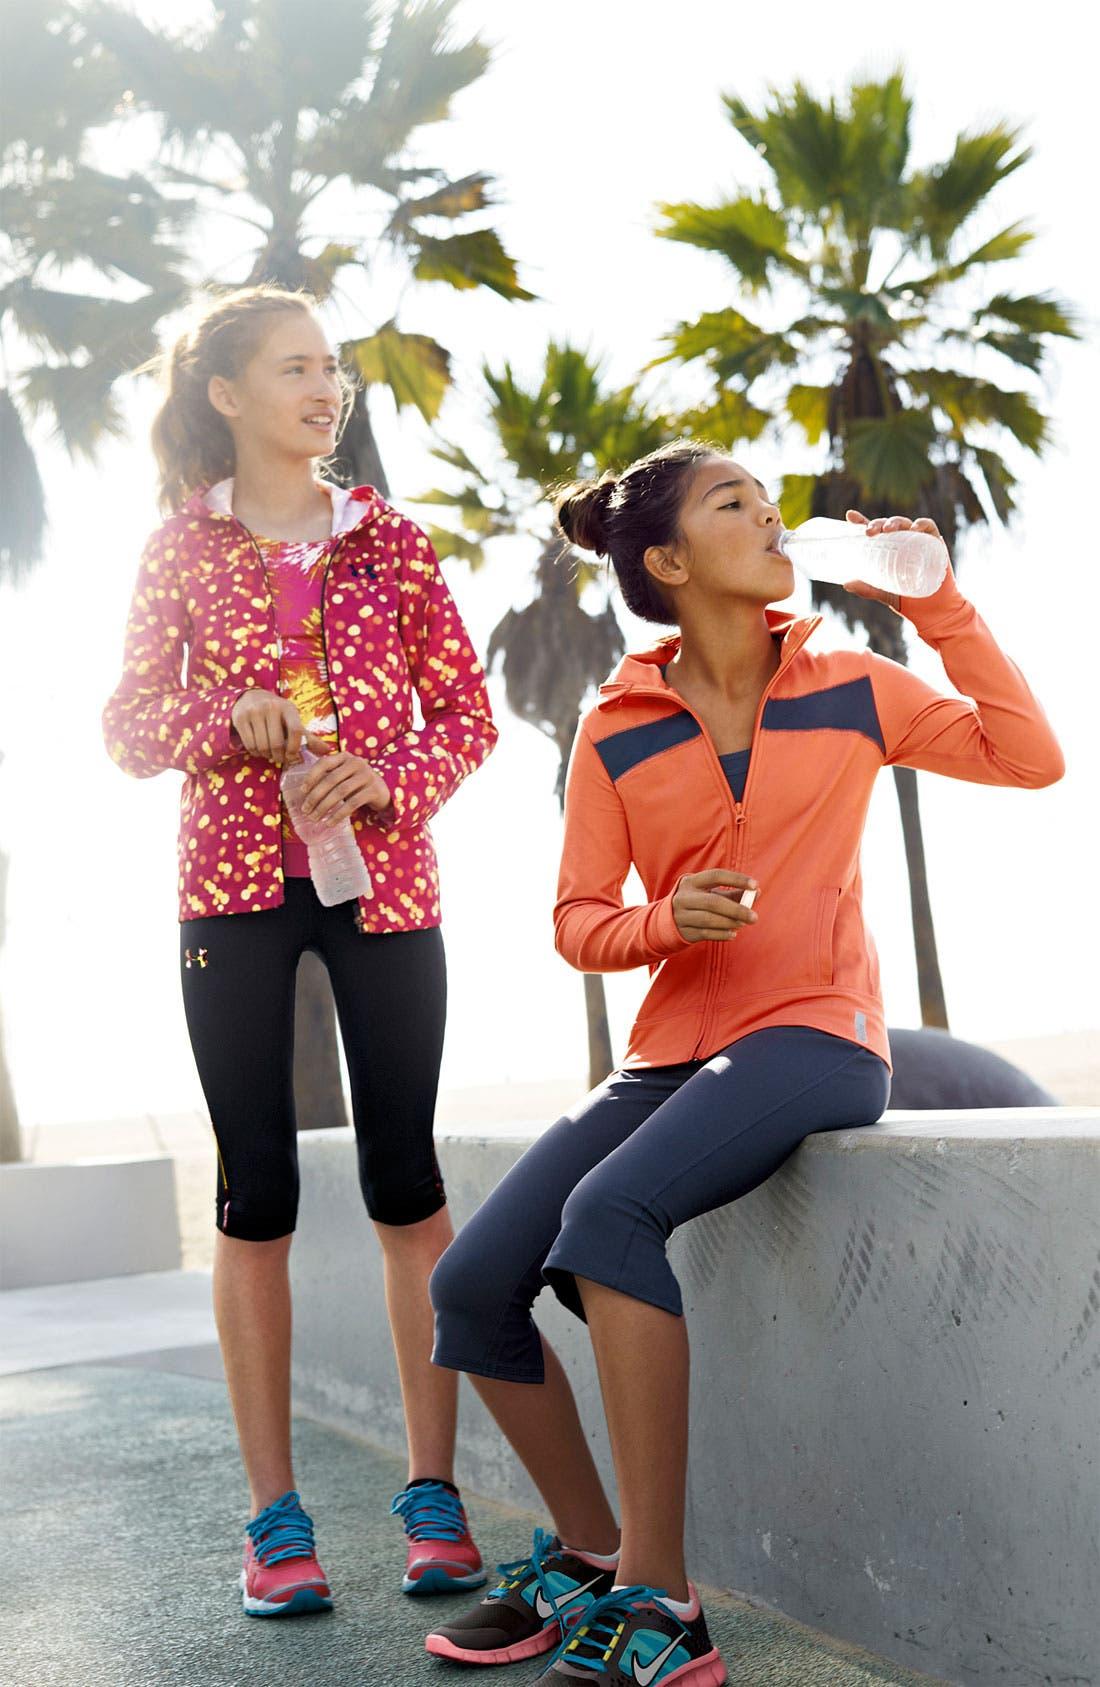 Alternate Image 2  - Zella 'Trainer' Contrast Jacket (Little Girls & Big Girls)